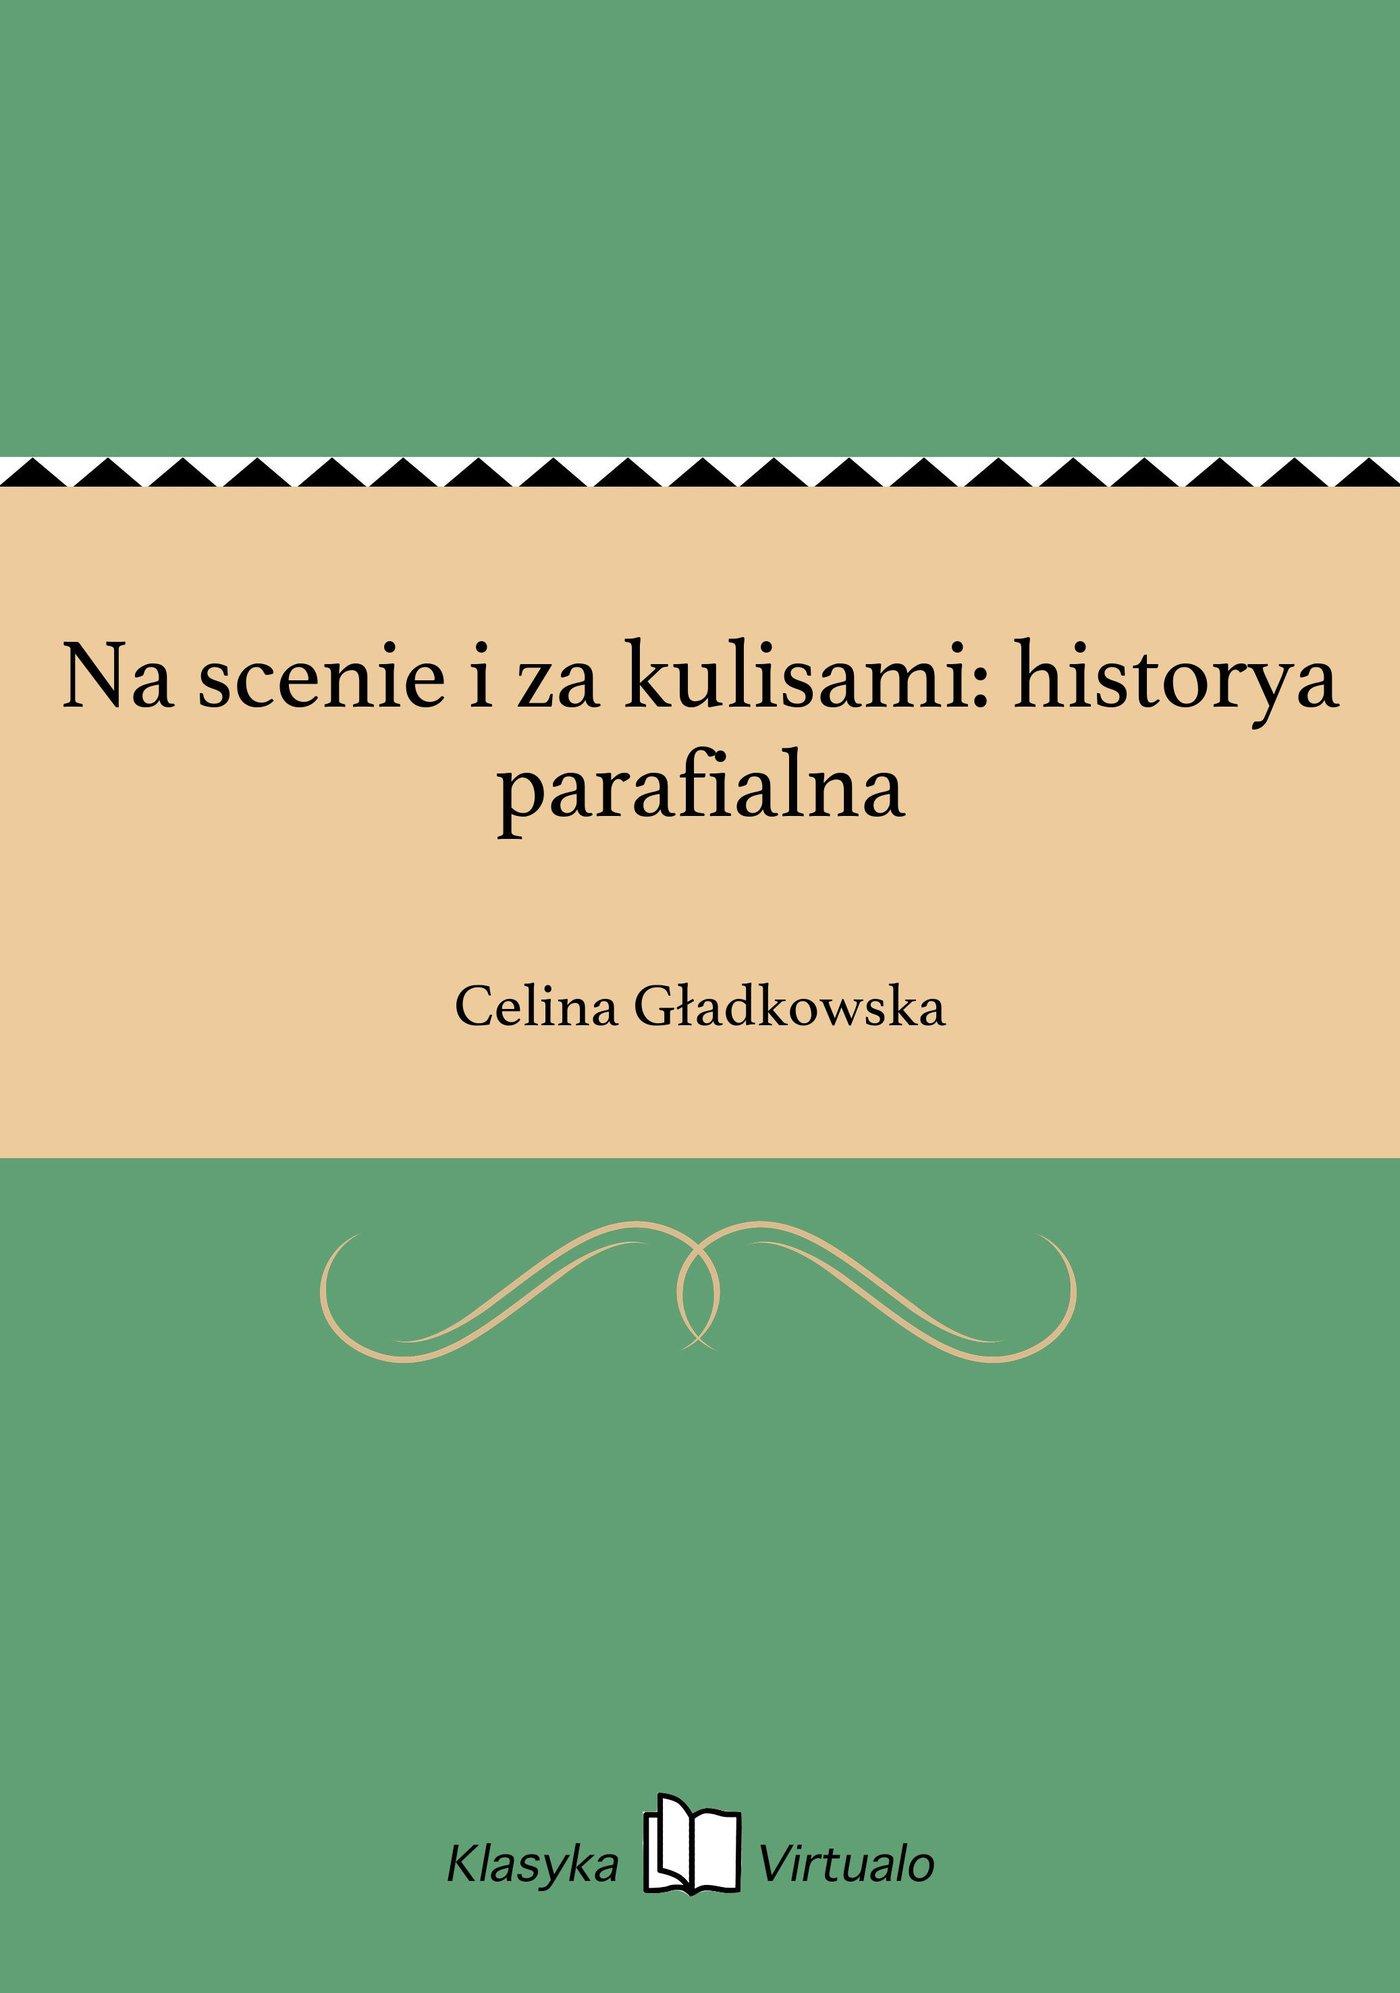 Na scenie i za kulisami: historya parafialna - Ebook (Książka EPUB) do pobrania w formacie EPUB